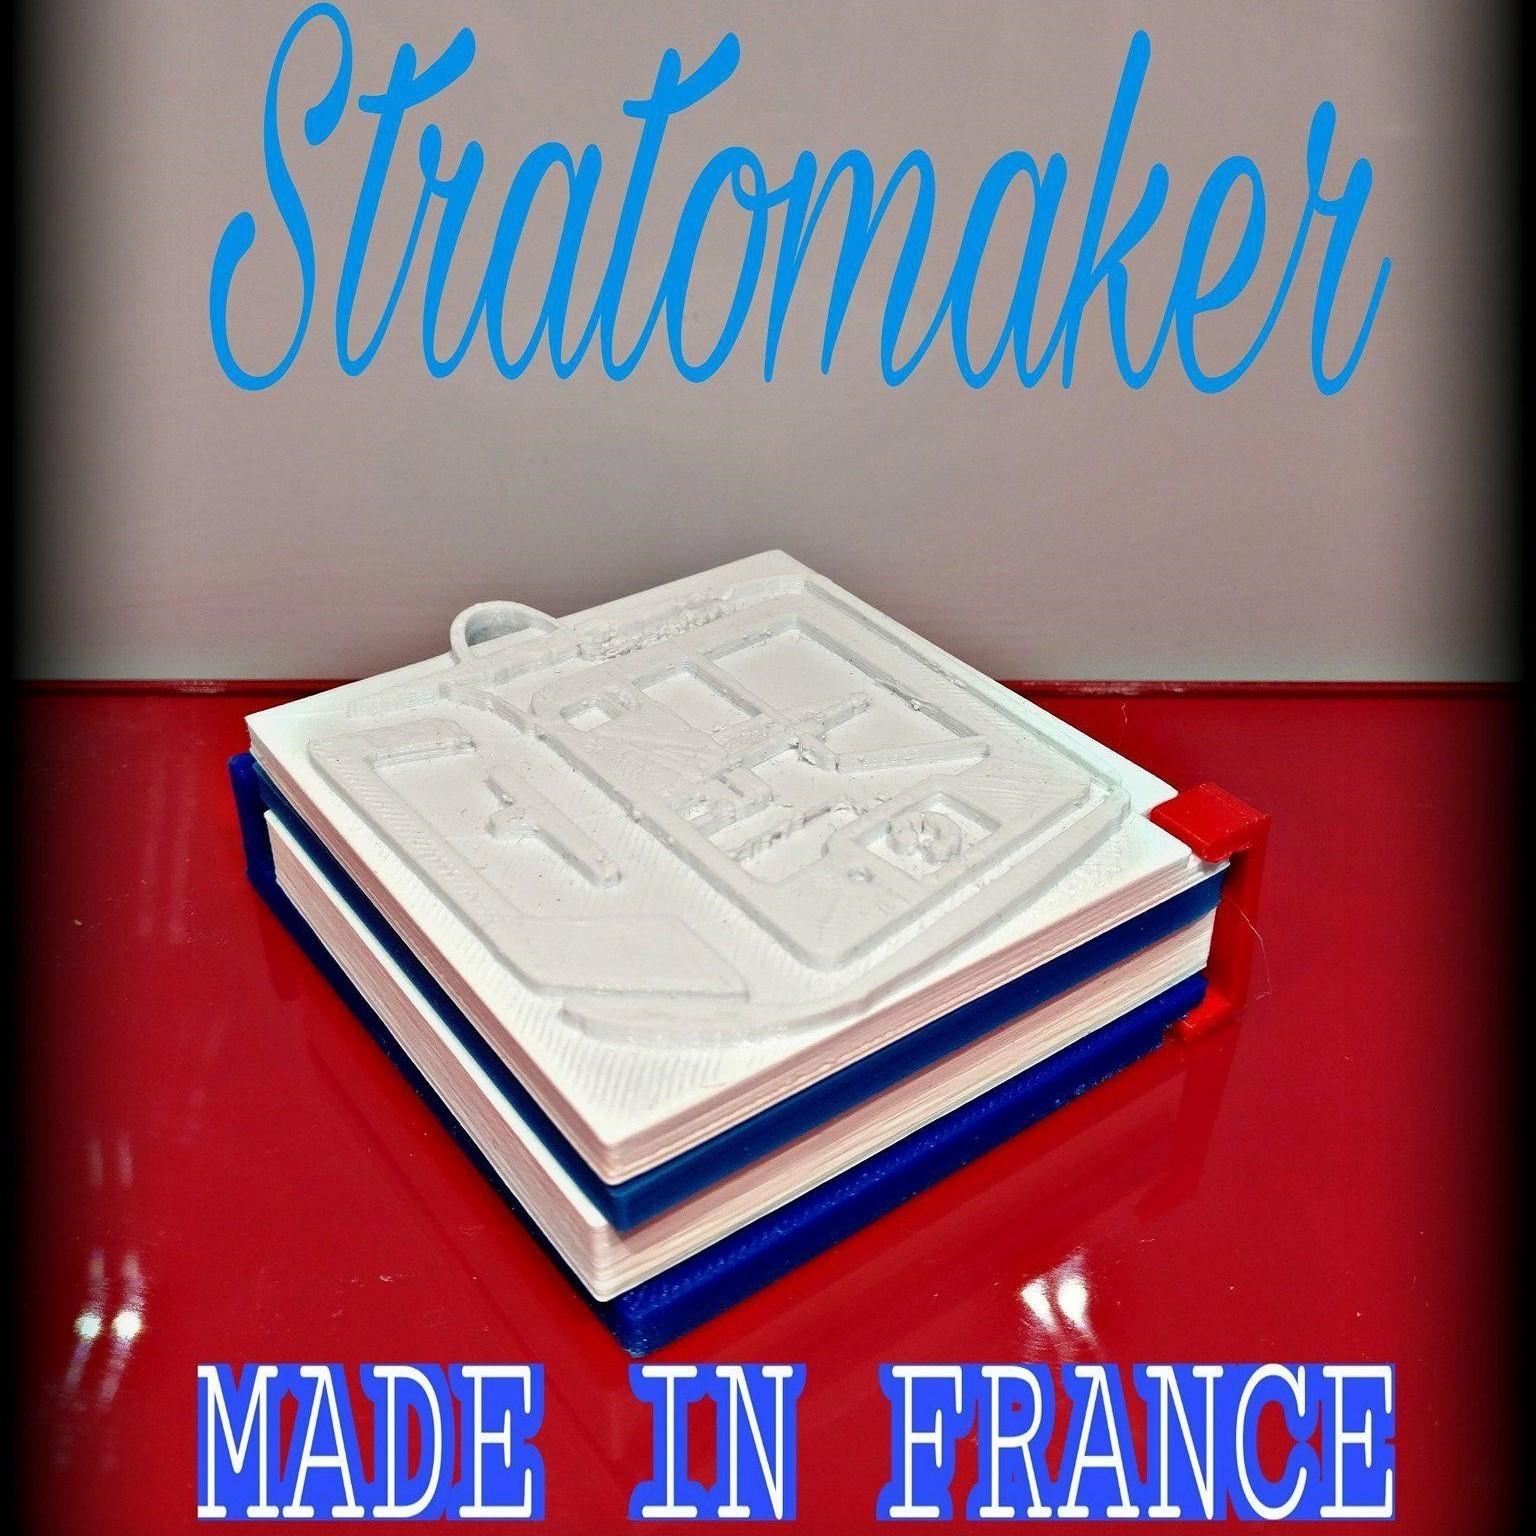 Presse Stratomaker (2).jpg Download STL file Mini Press #STRATOMAKER • 3D printer design, Jojo_bricole